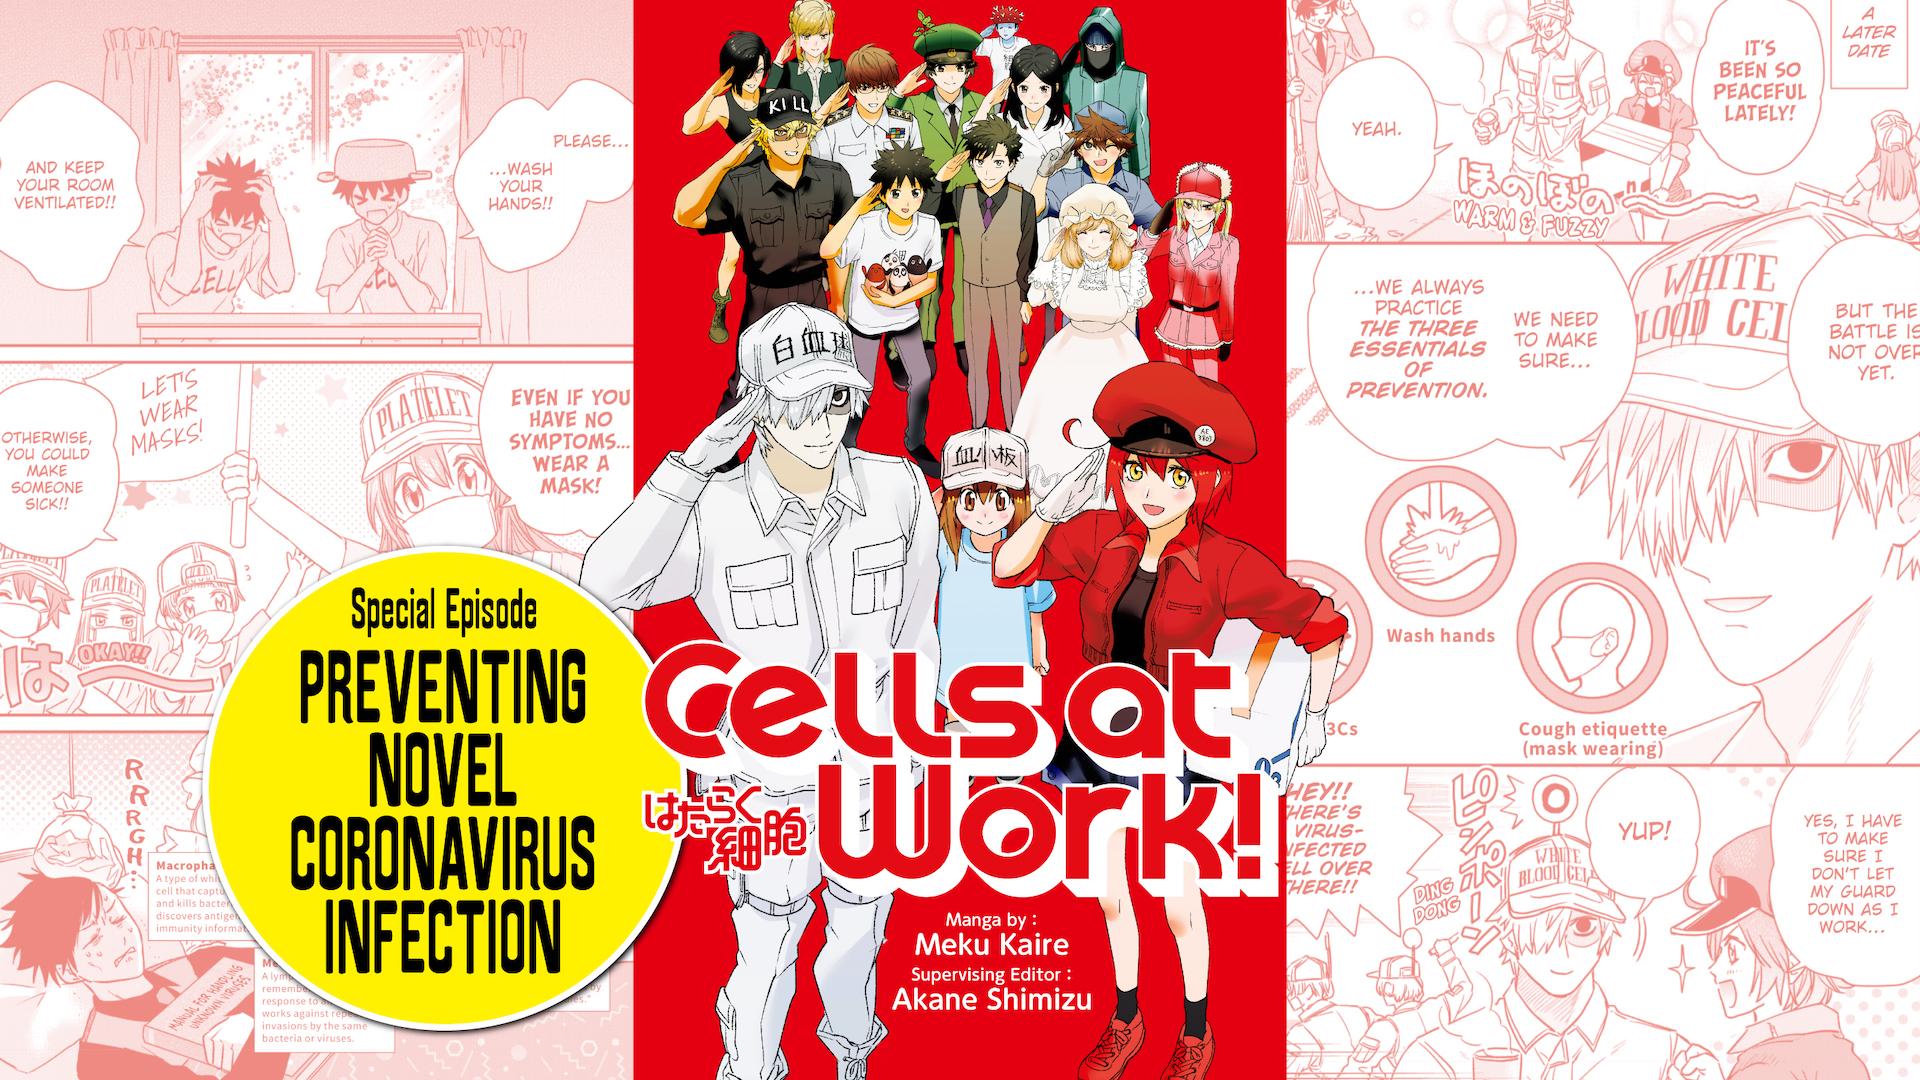 Cells at Work - Preventing Novel Coronavirus Infection